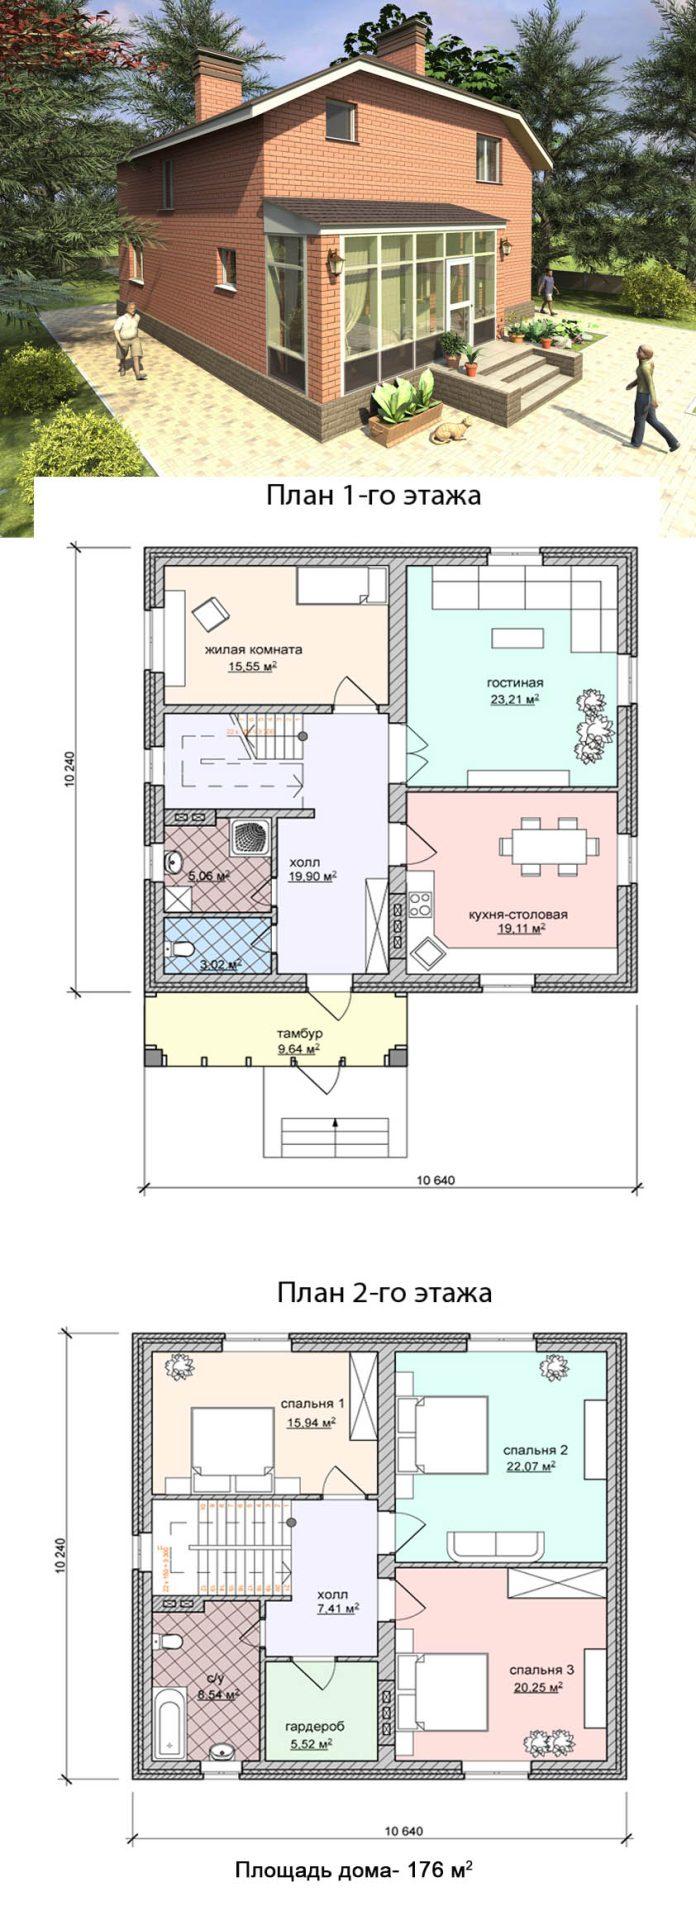 Проект дома из красного кирпича под ключ